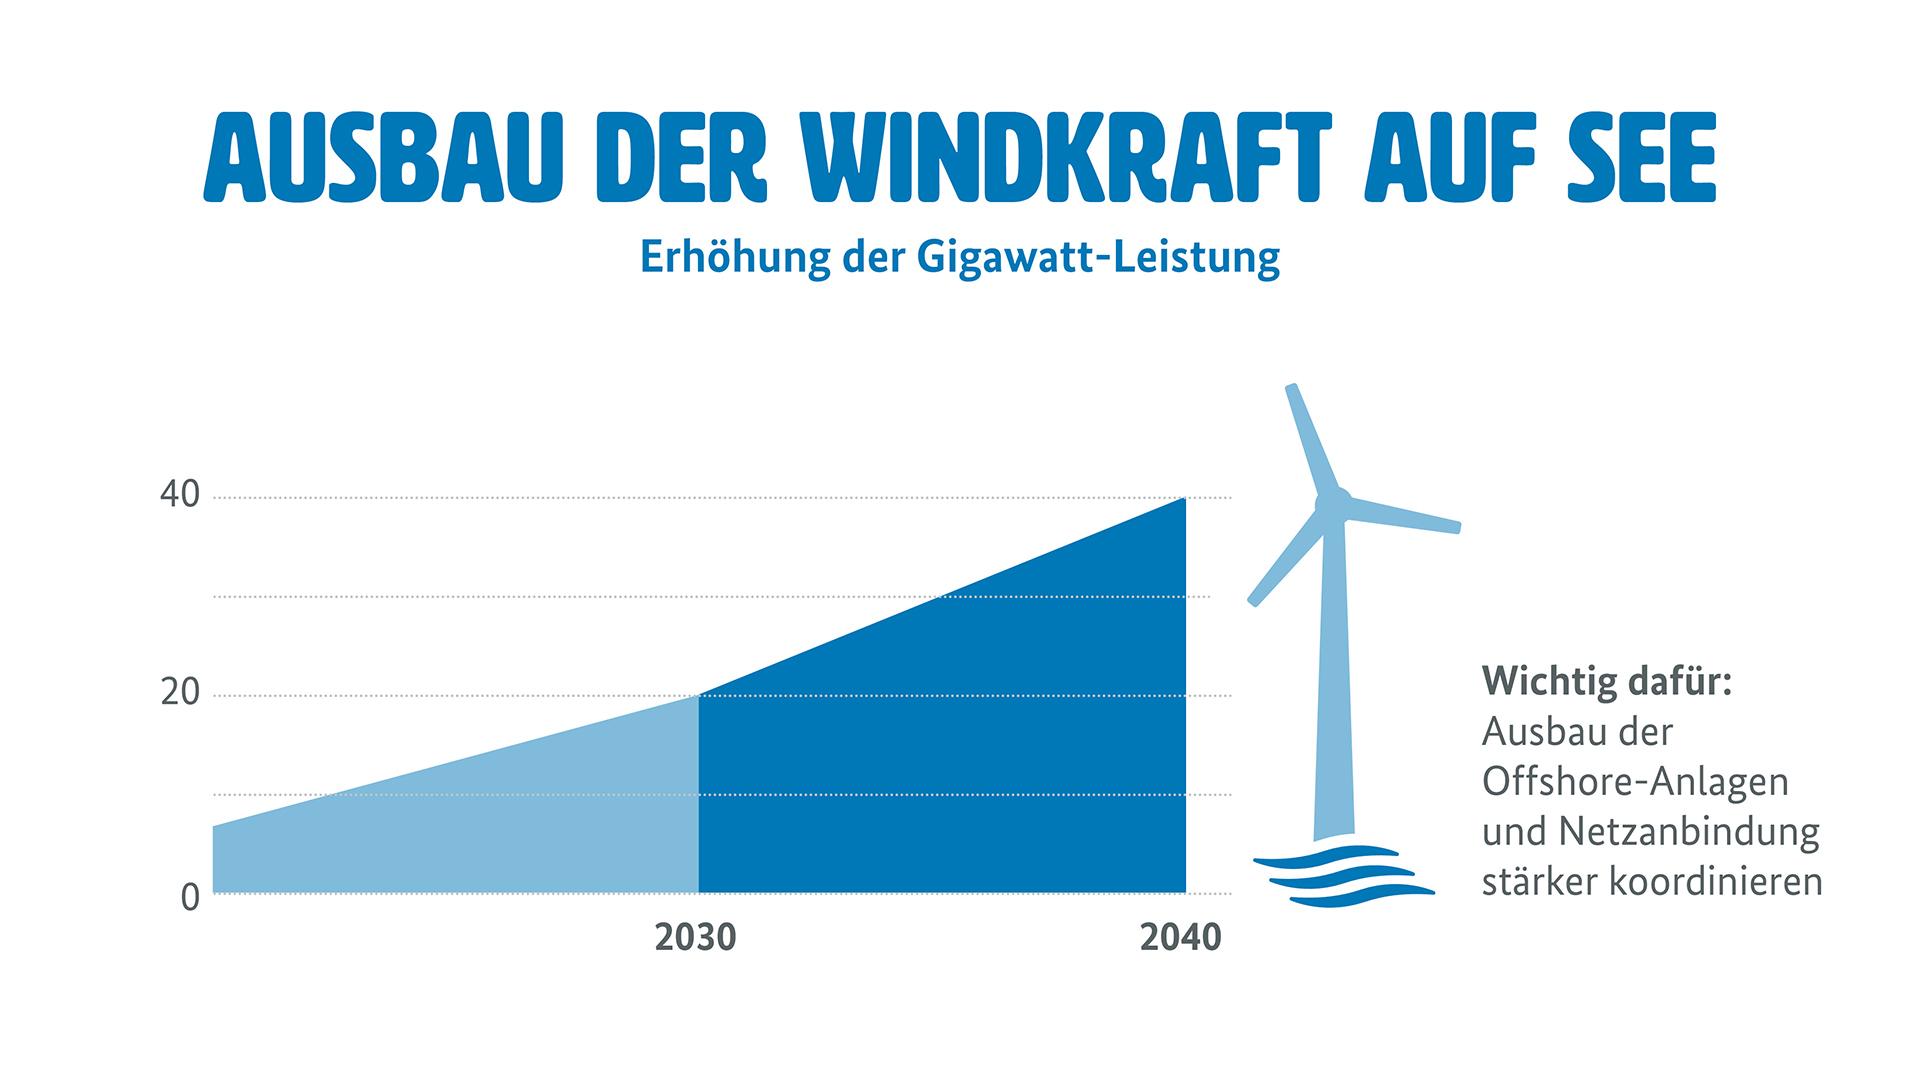 """Grafik zum Windkraftausbau auf See (Weitere Beschreibung unterhalb des Bildes ausklappbar als """"ausführliche Beschreibung"""")"""